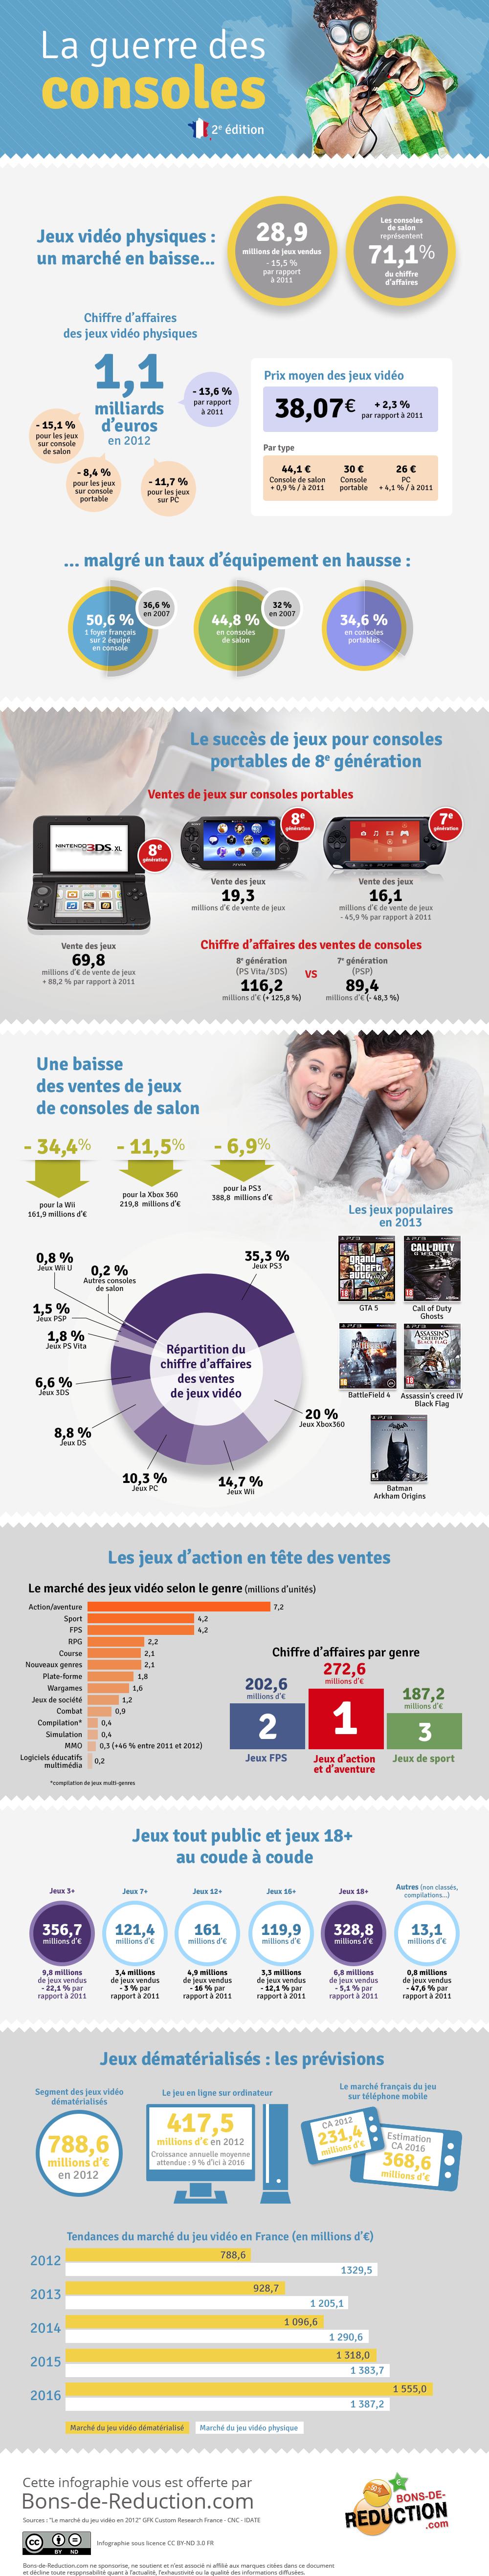 En France, depuis quelques années, le marché du jeu vidéo est en baisse, mais un rebond est attendu sur ce secteur avec la sortie des deux nouvelles consoles de Microsoft et Sony : la Xbox One et la PlayStation 4.